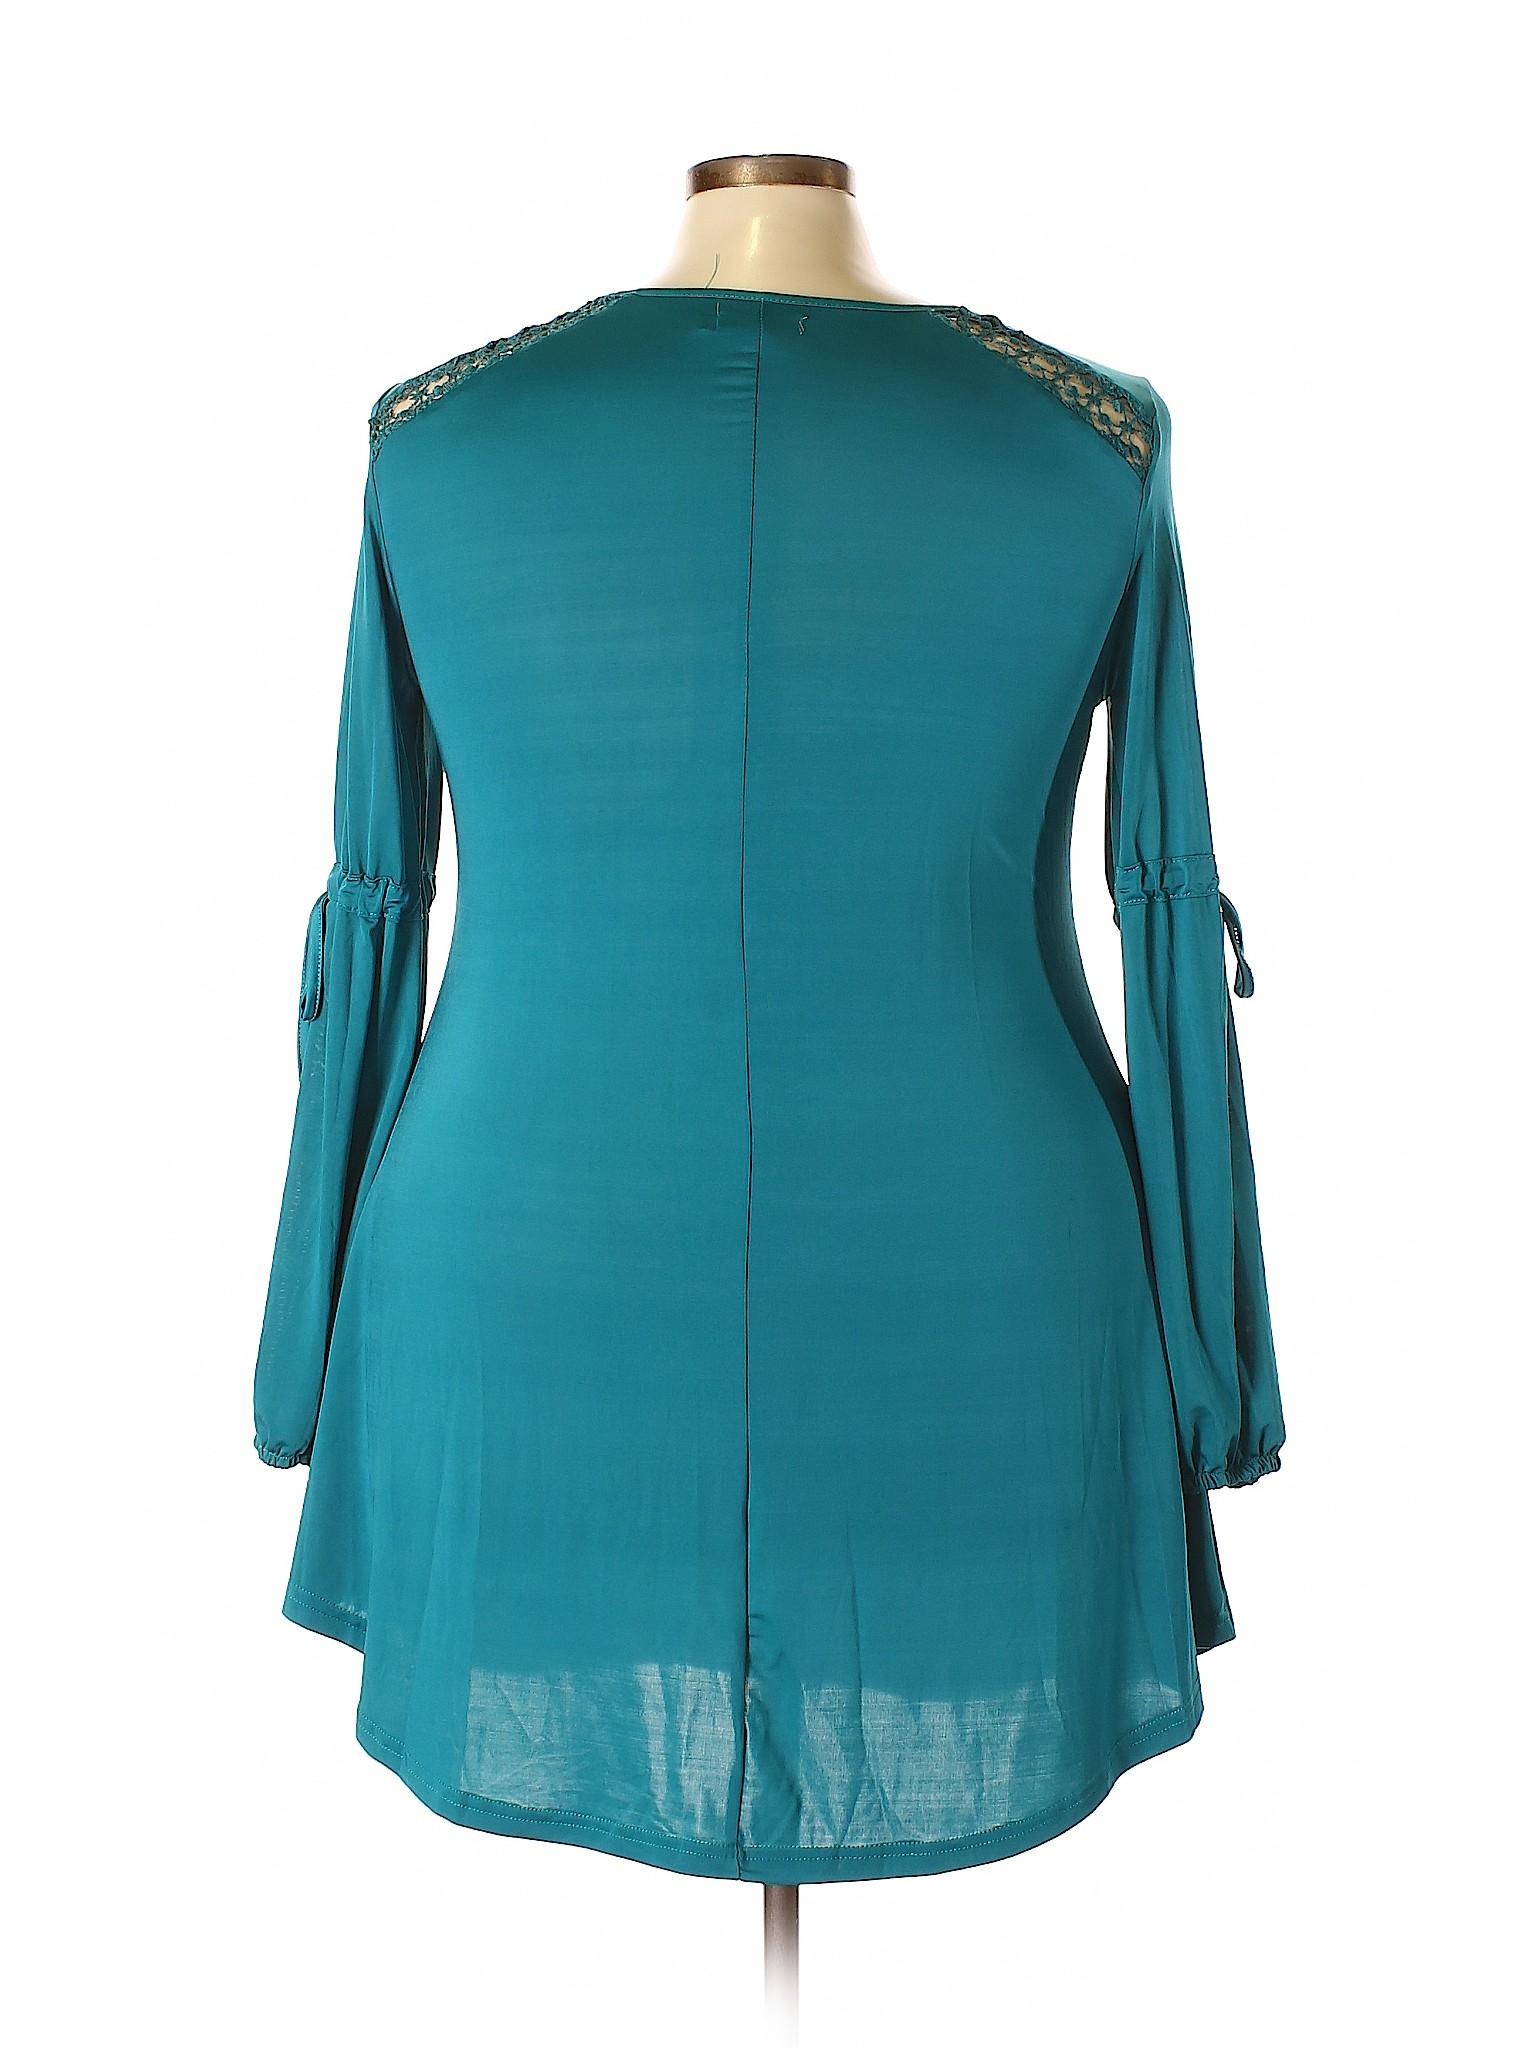 winter Reborn winter Dress Boutique Boutique Reborn Dress Casual Casual Casual Dress winter Boutique Reborn 4HwccfqvI